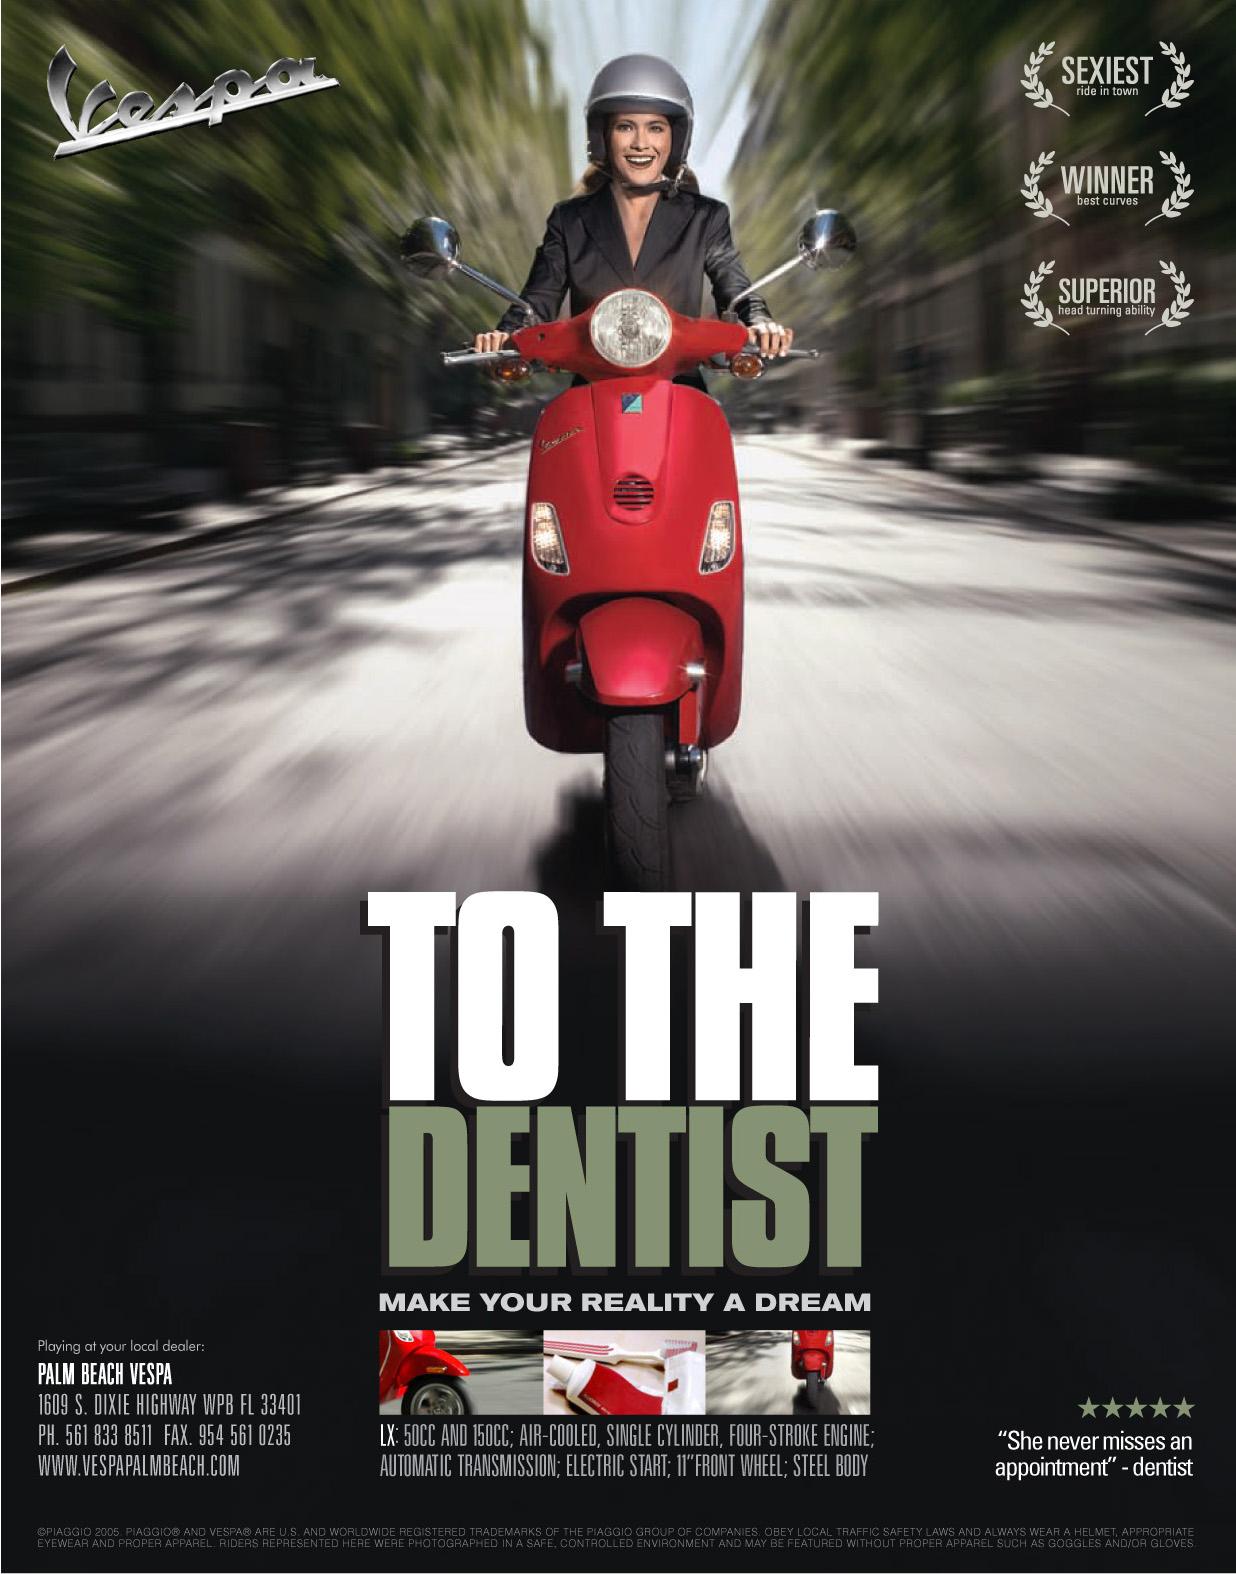 VP001_FINAL_FULL_dentist_p1.jpg